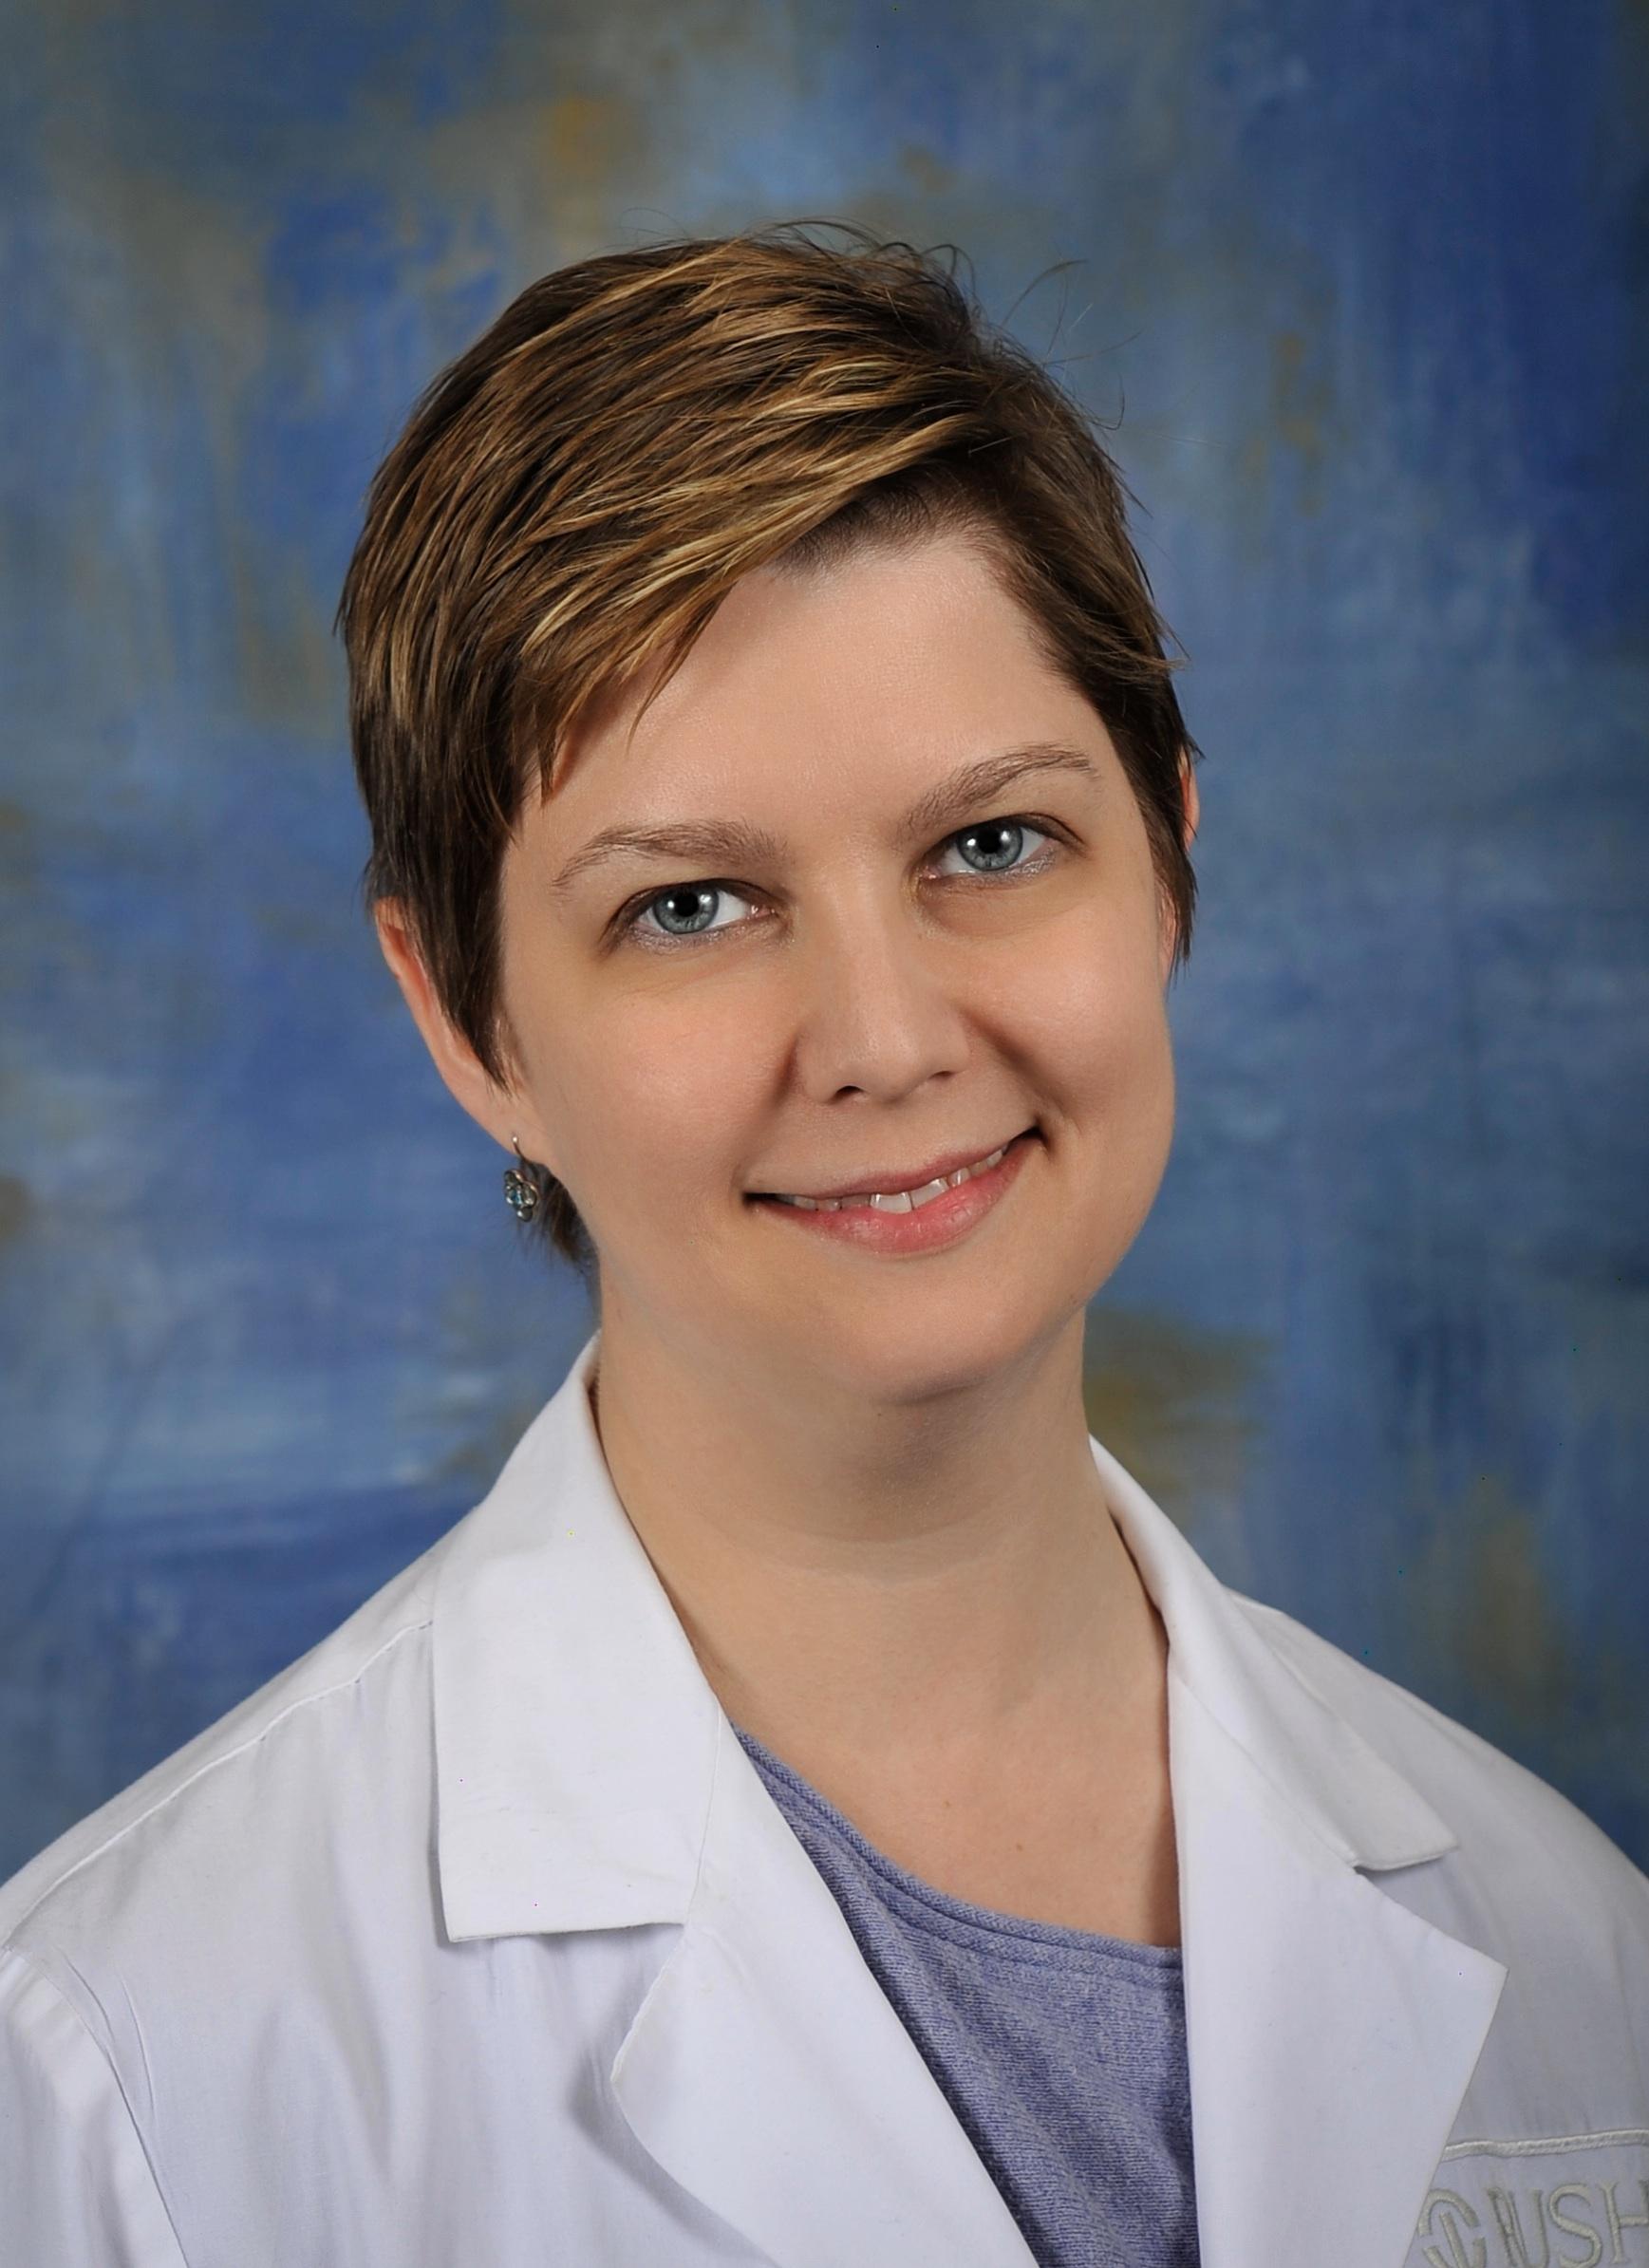 Sara Jandeska, MD